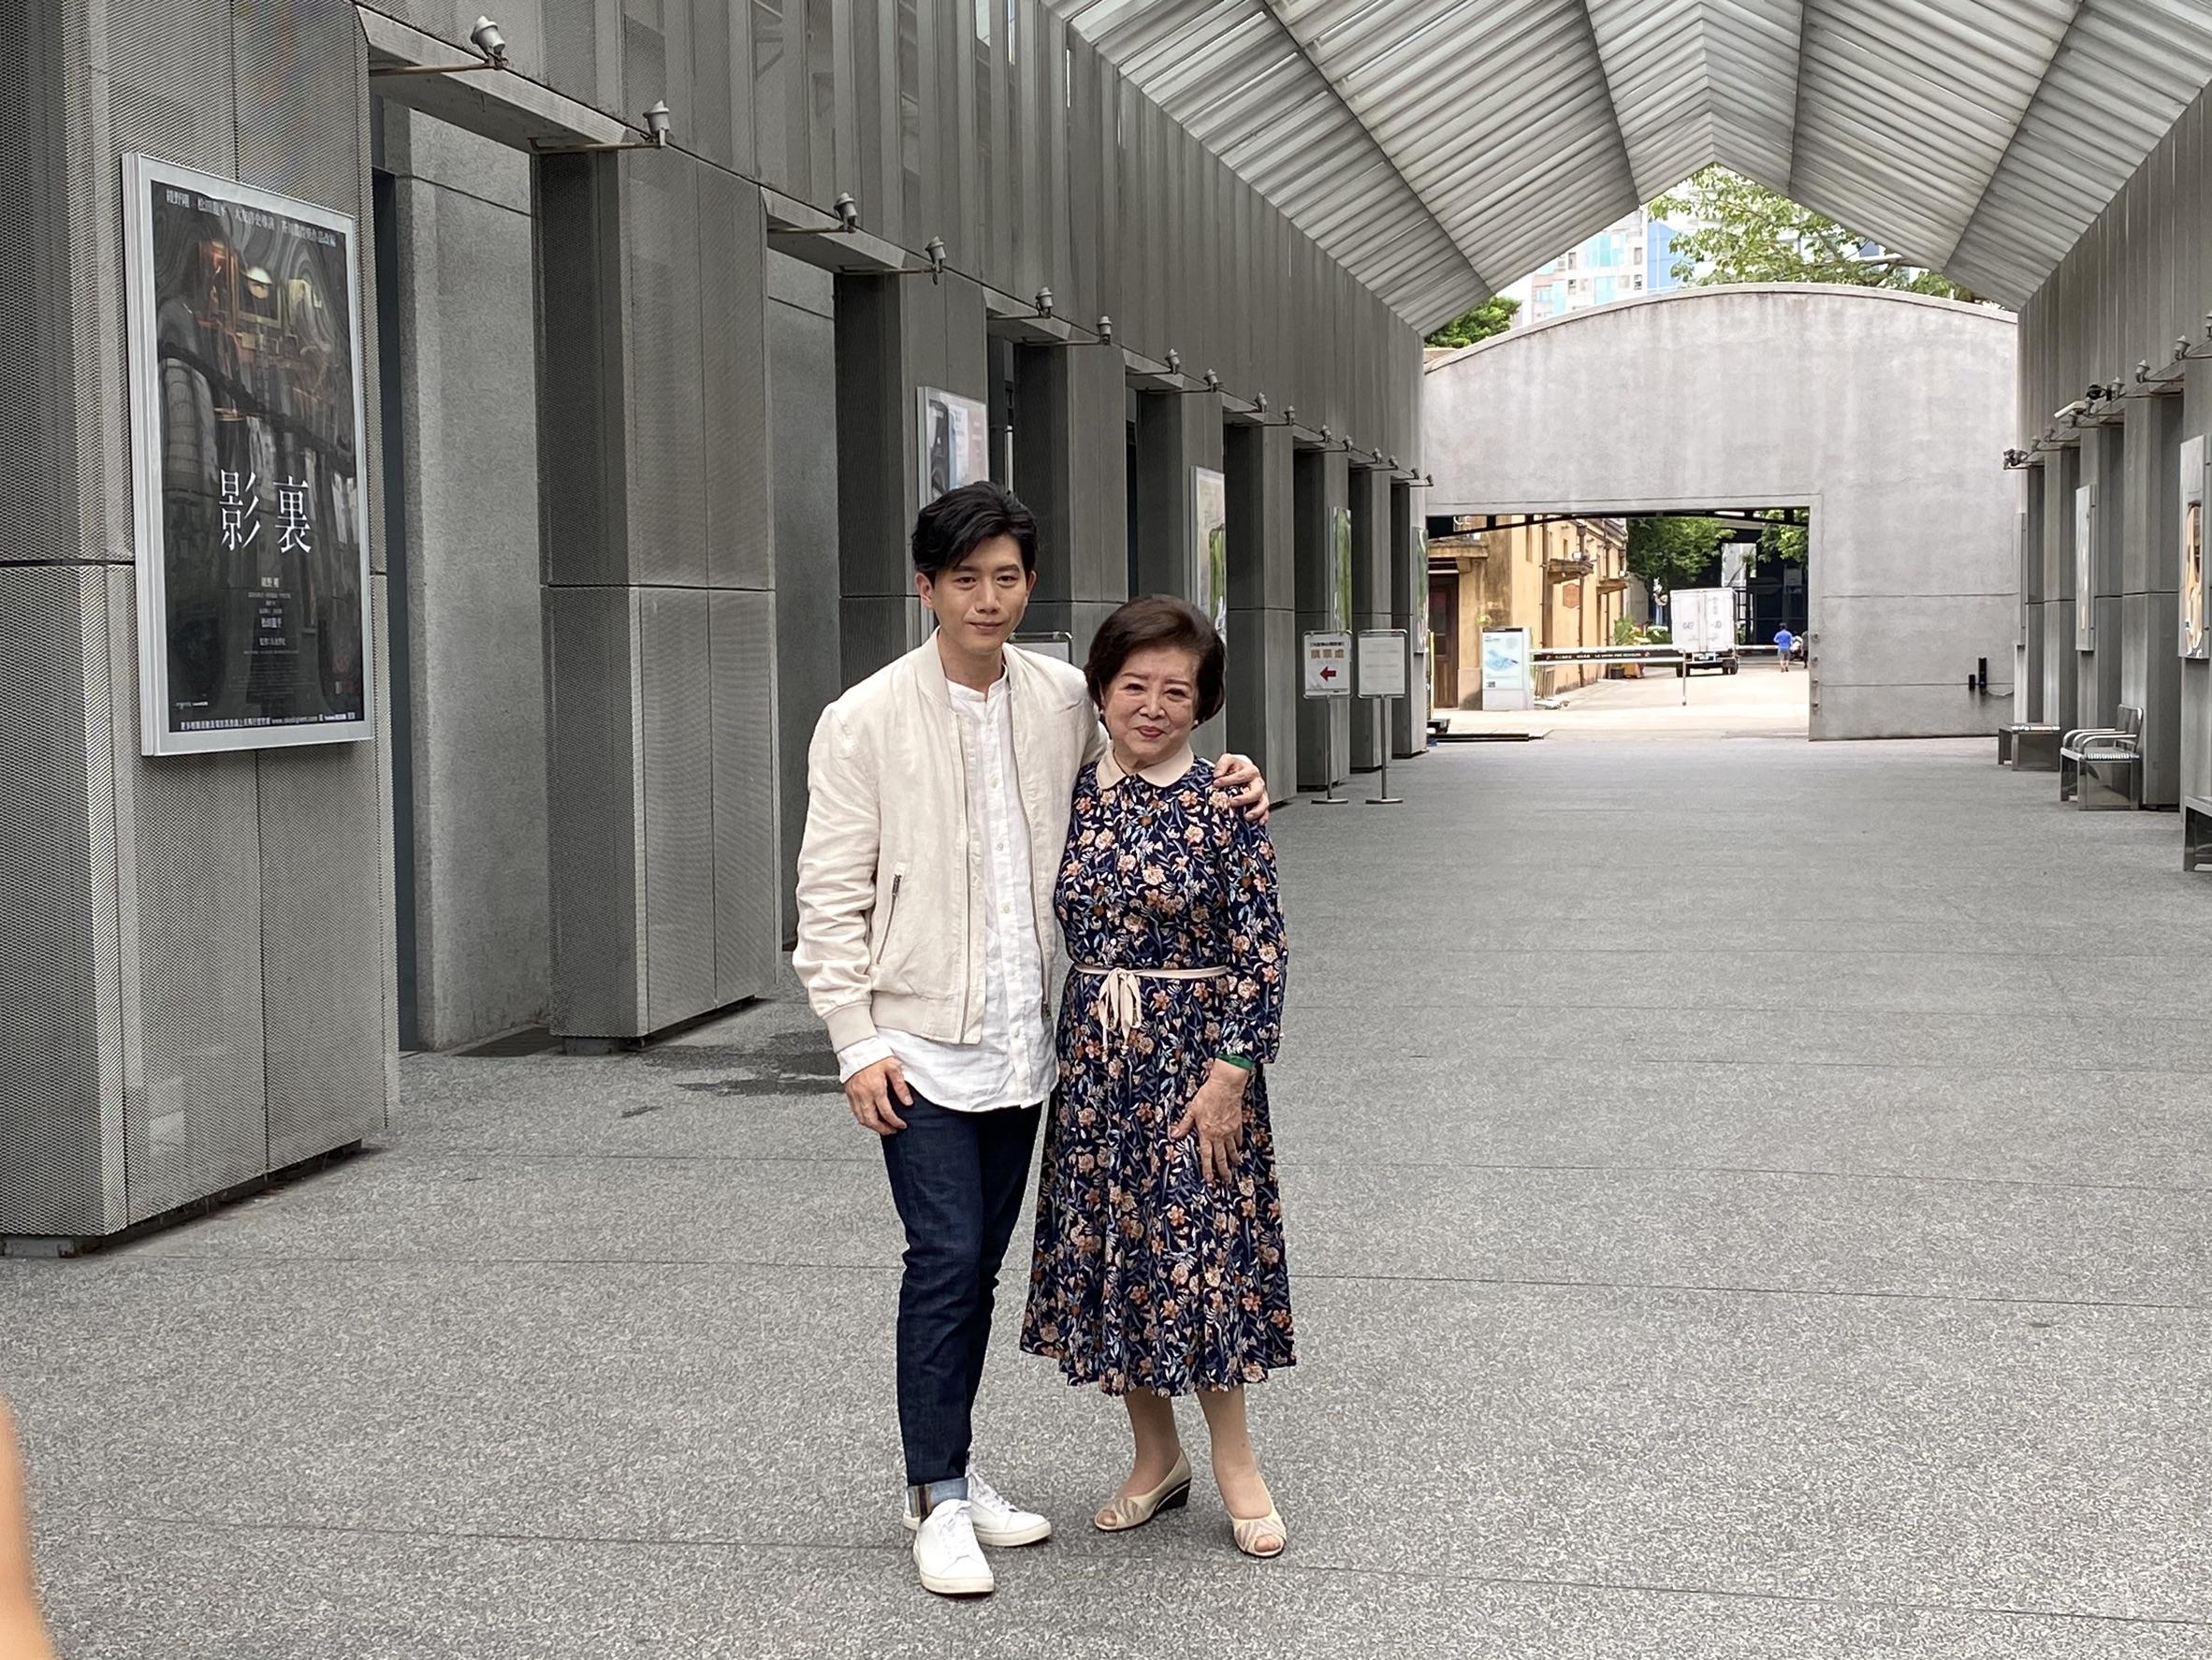 《親愛的房客》演員莫子儀和陳淑芳分別入圍台北電影獎最佳男主角及最佳女配角